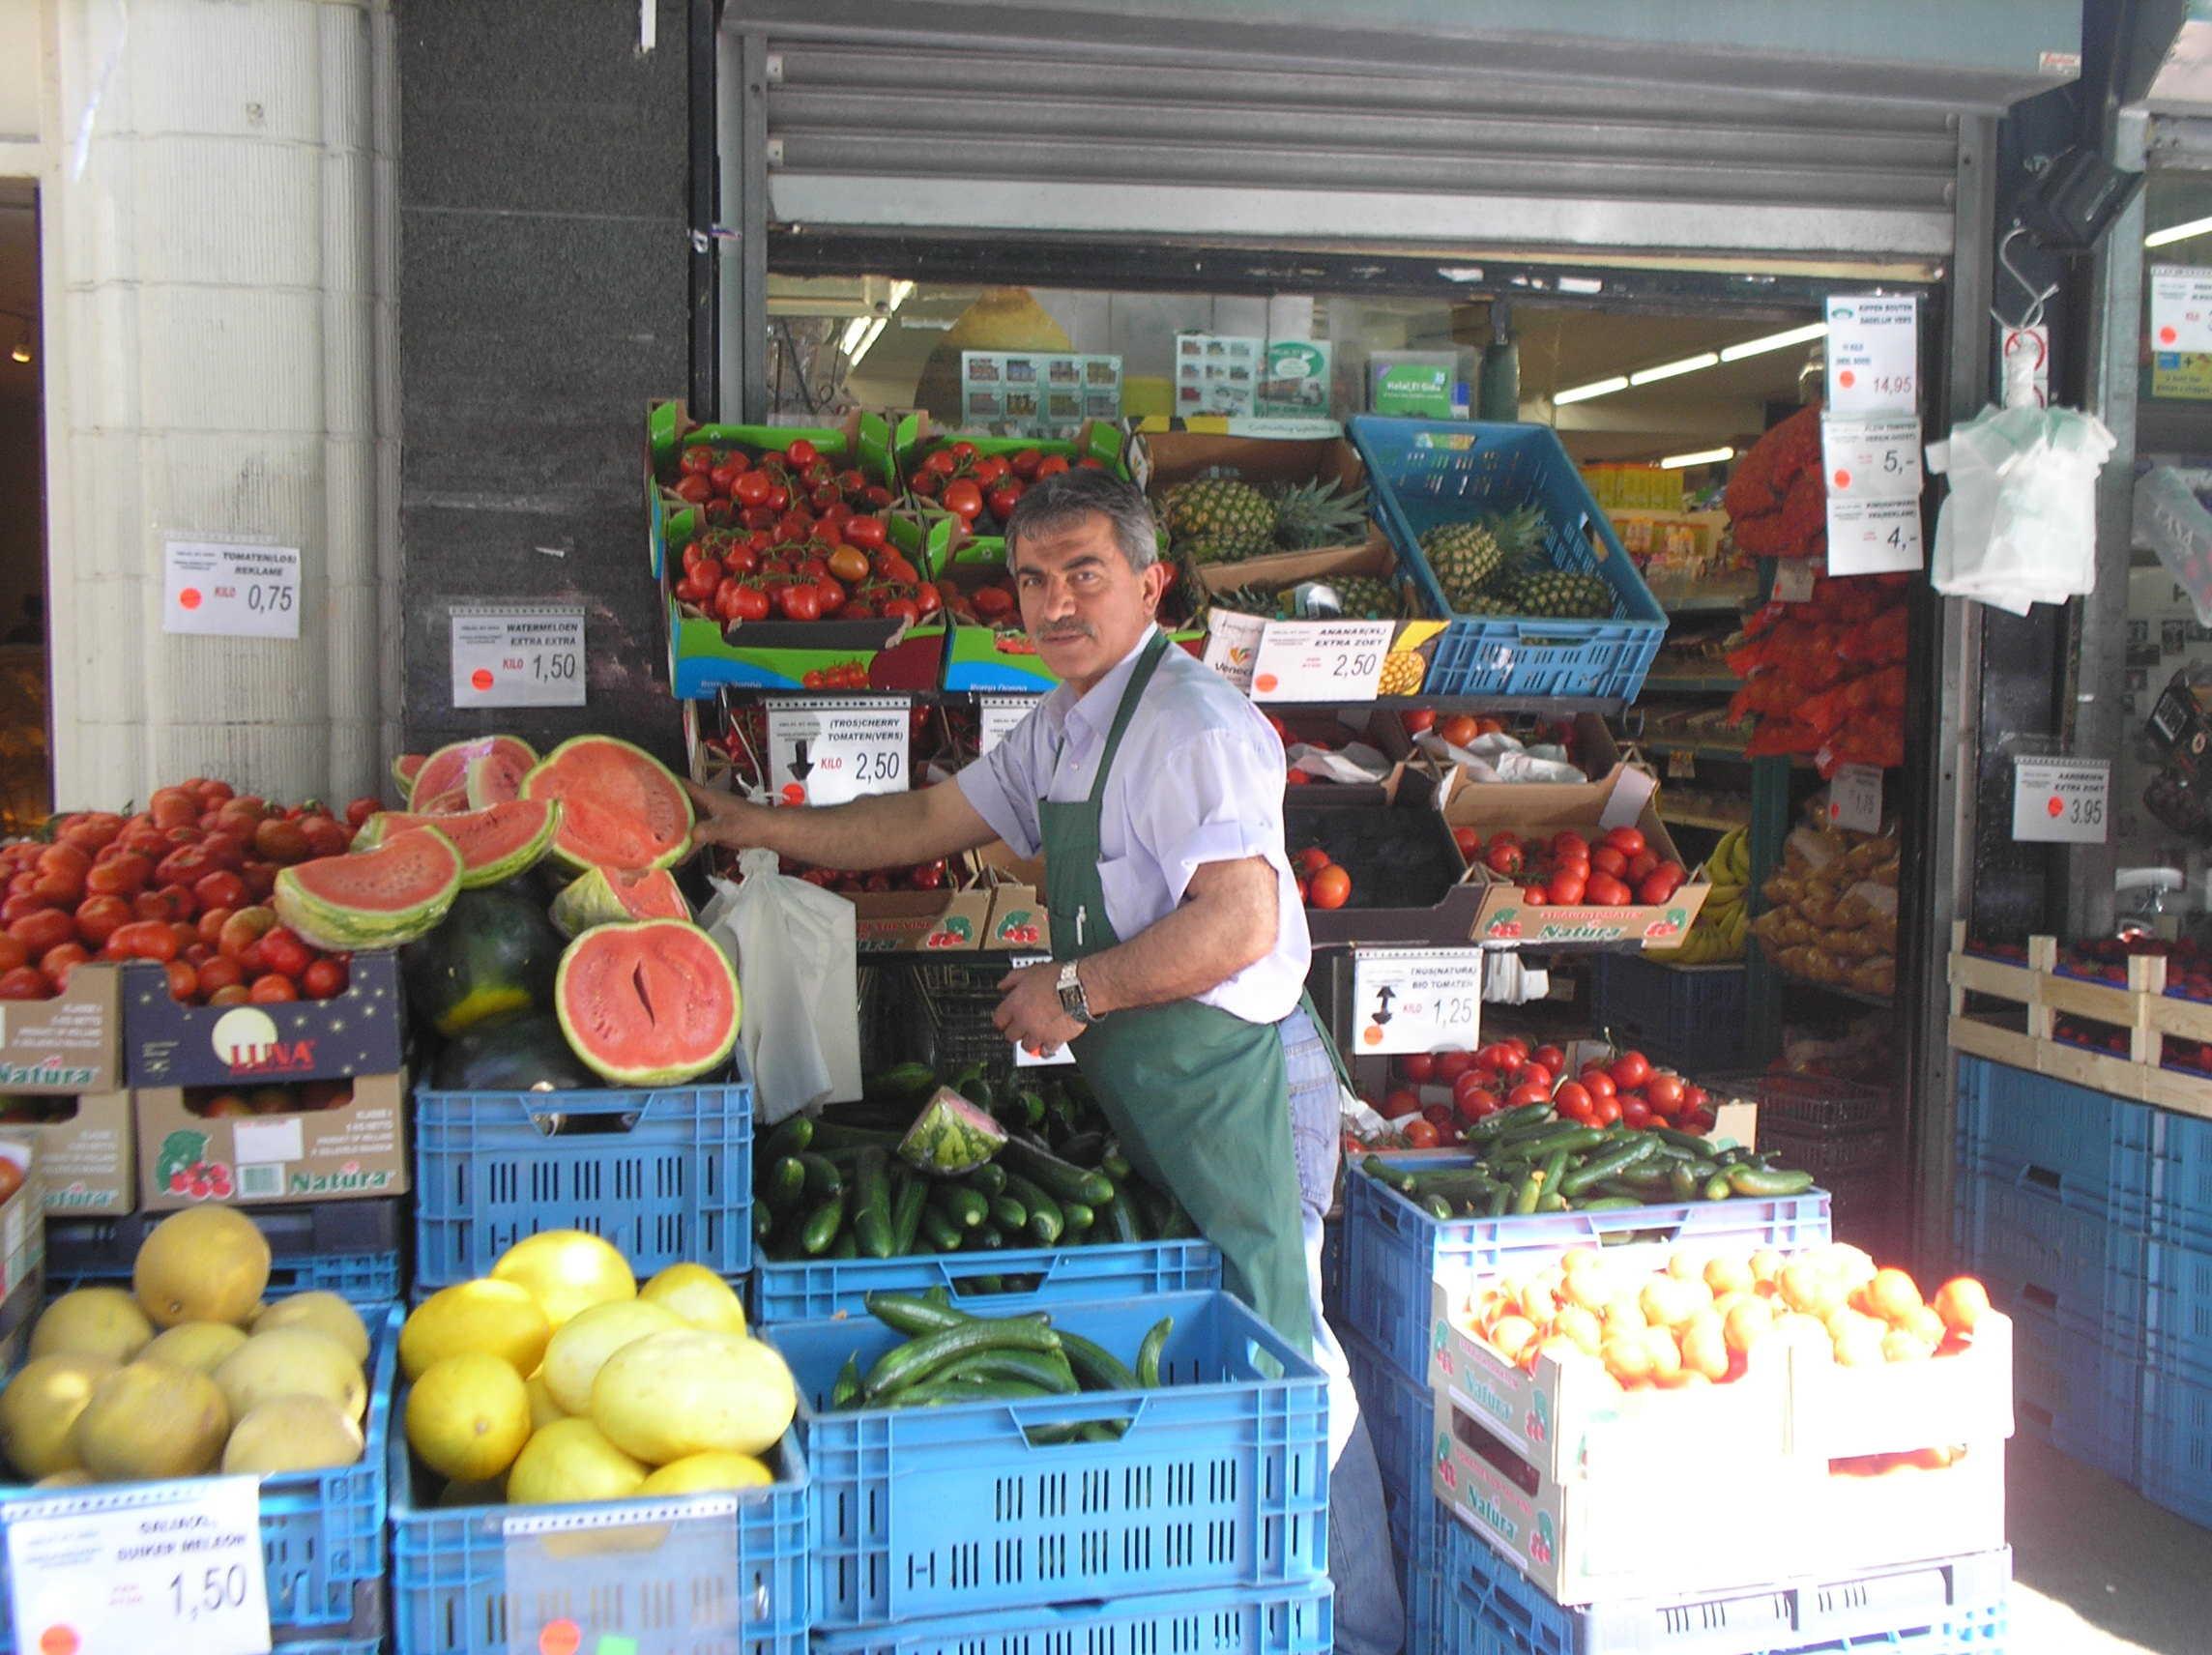 turkse supermarkt geheugen van oost